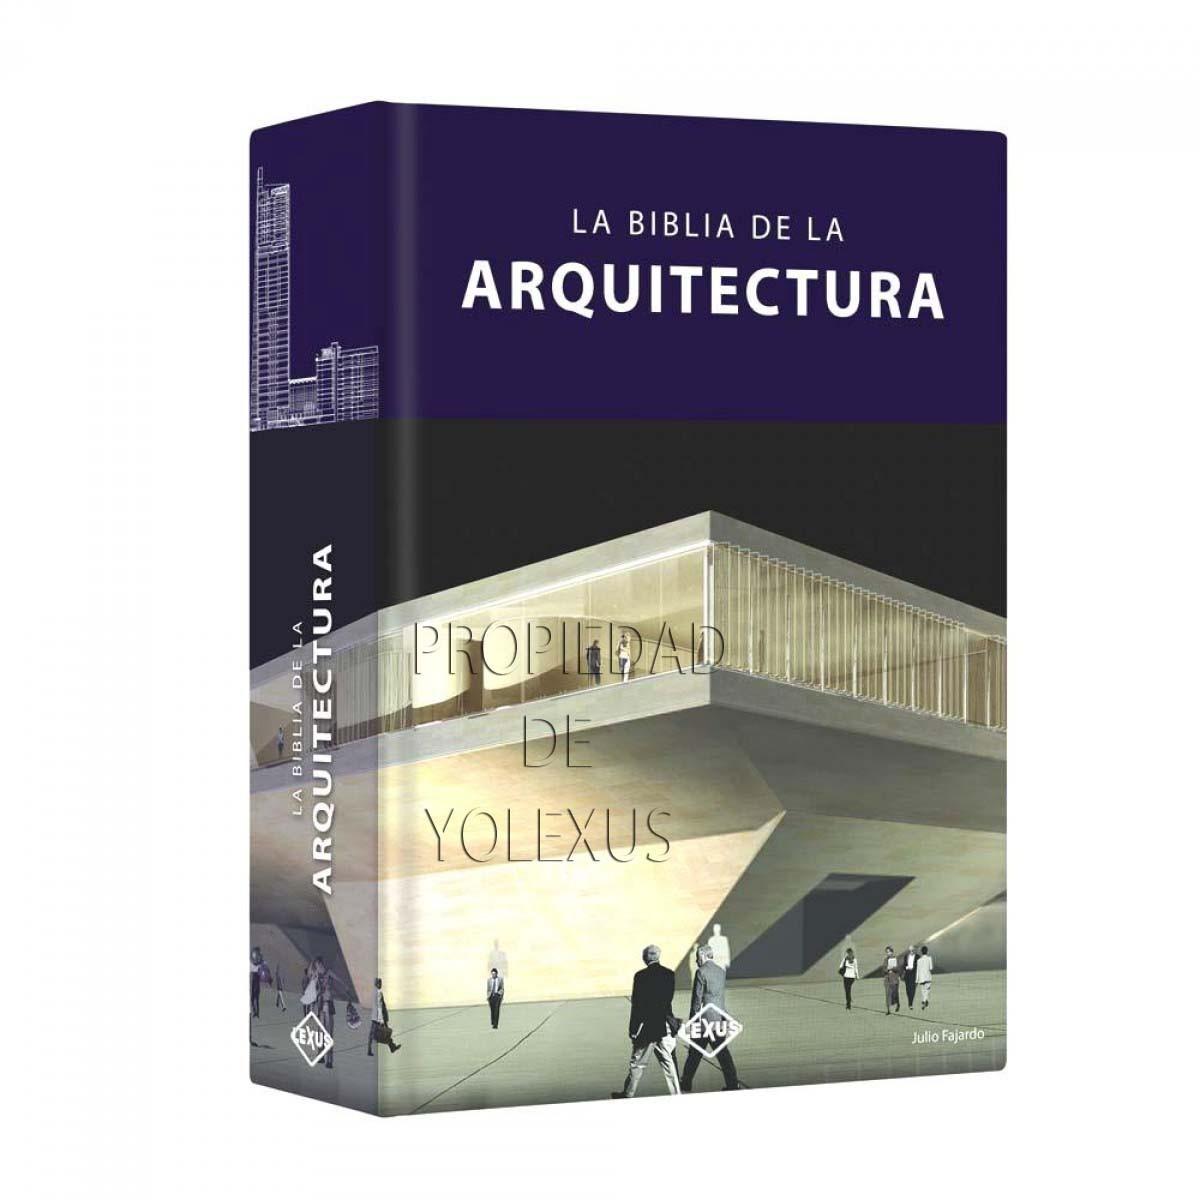 La biblia de la arquitectura credilibros for Libros de planos arquitectonicos